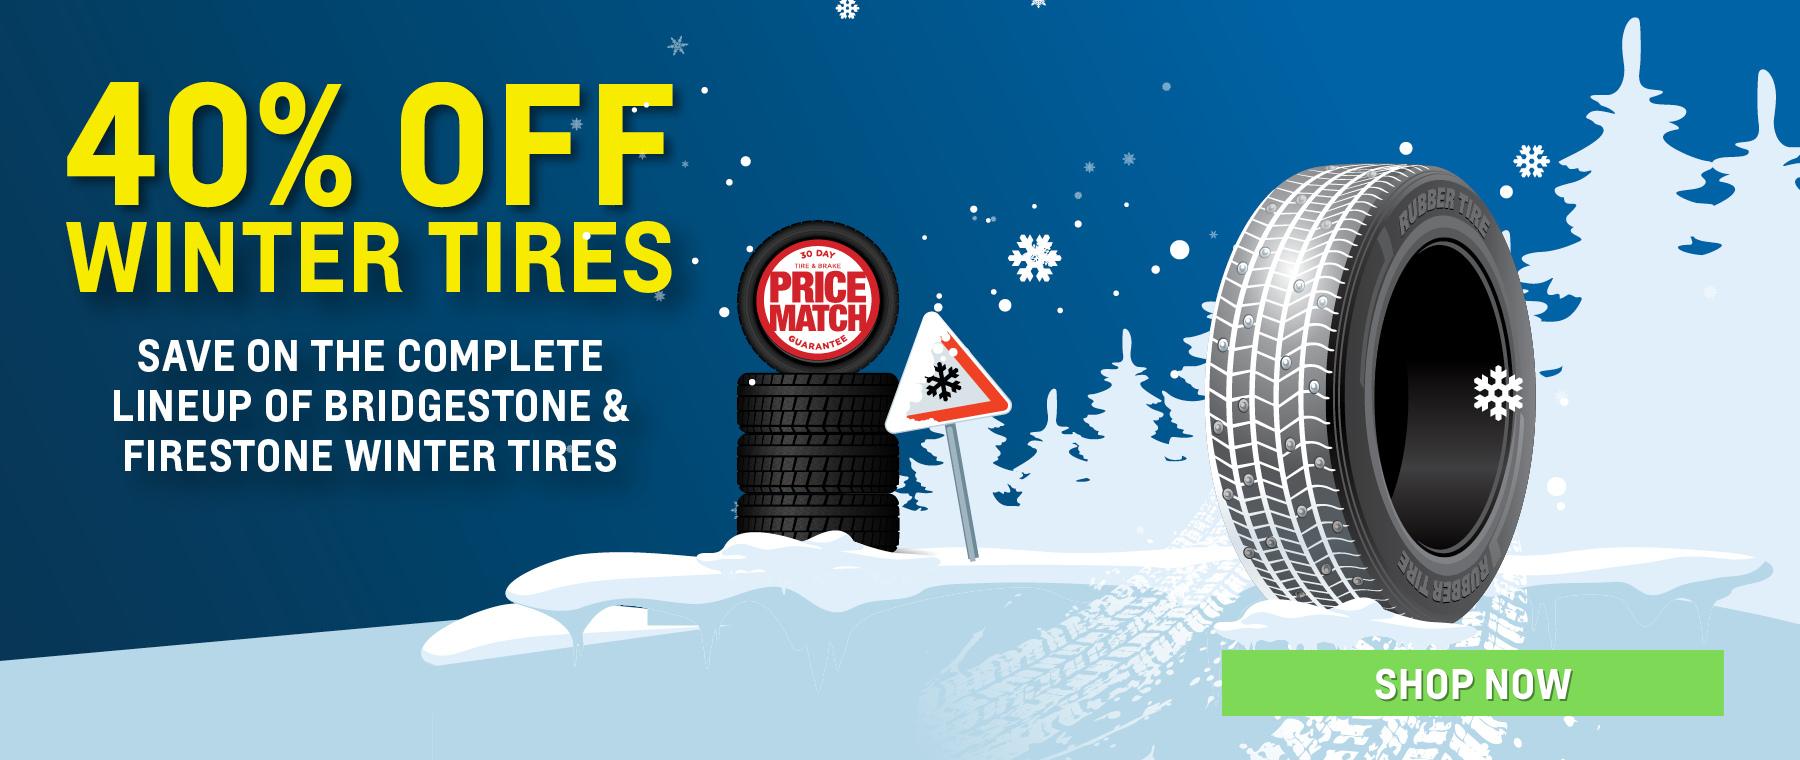 40% Off Winter Tires – LWC (1)